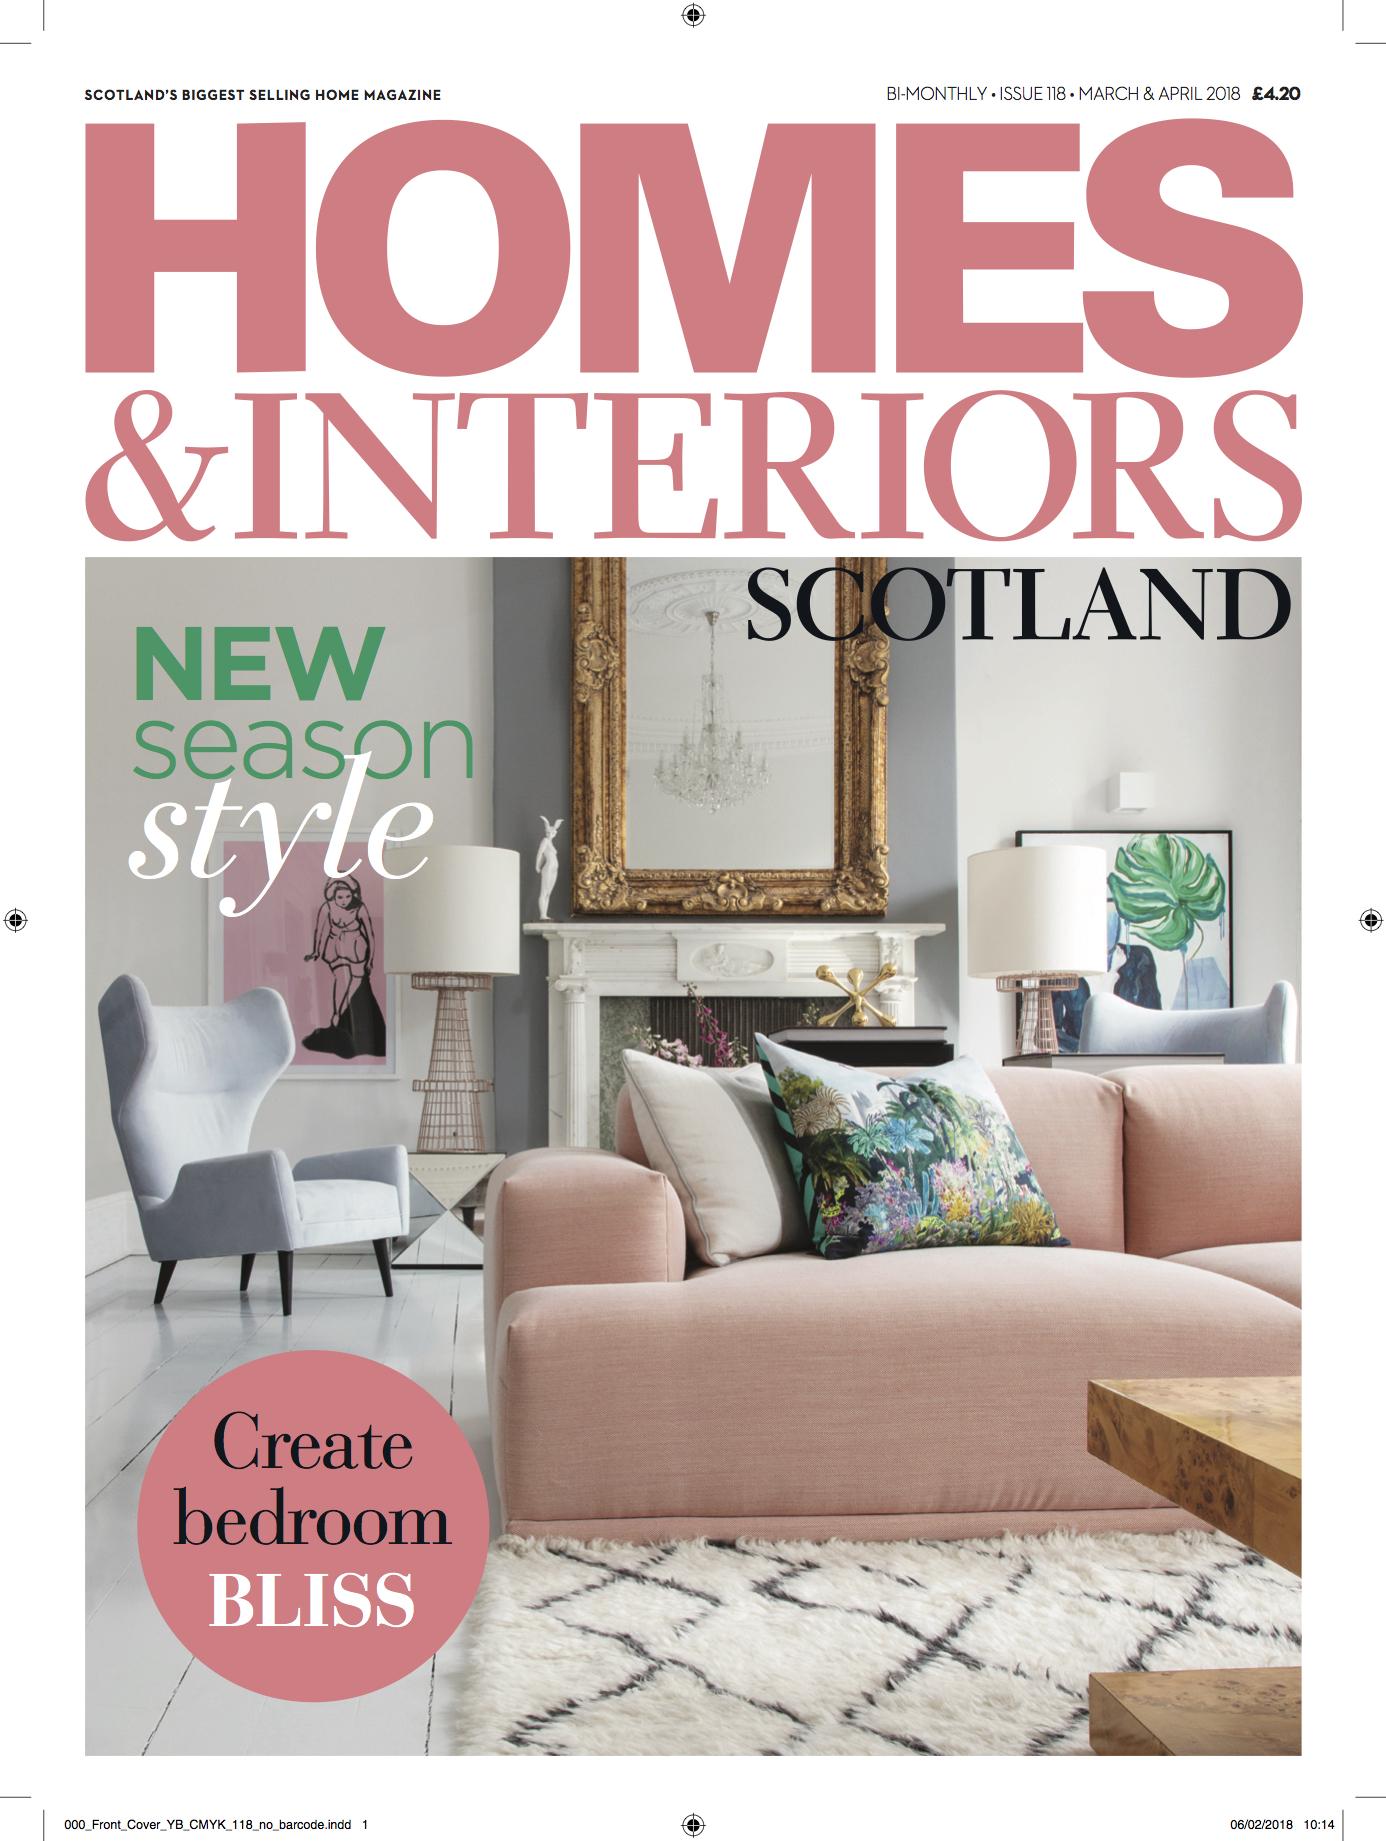 Homes & Interiors Scotland March April 2018